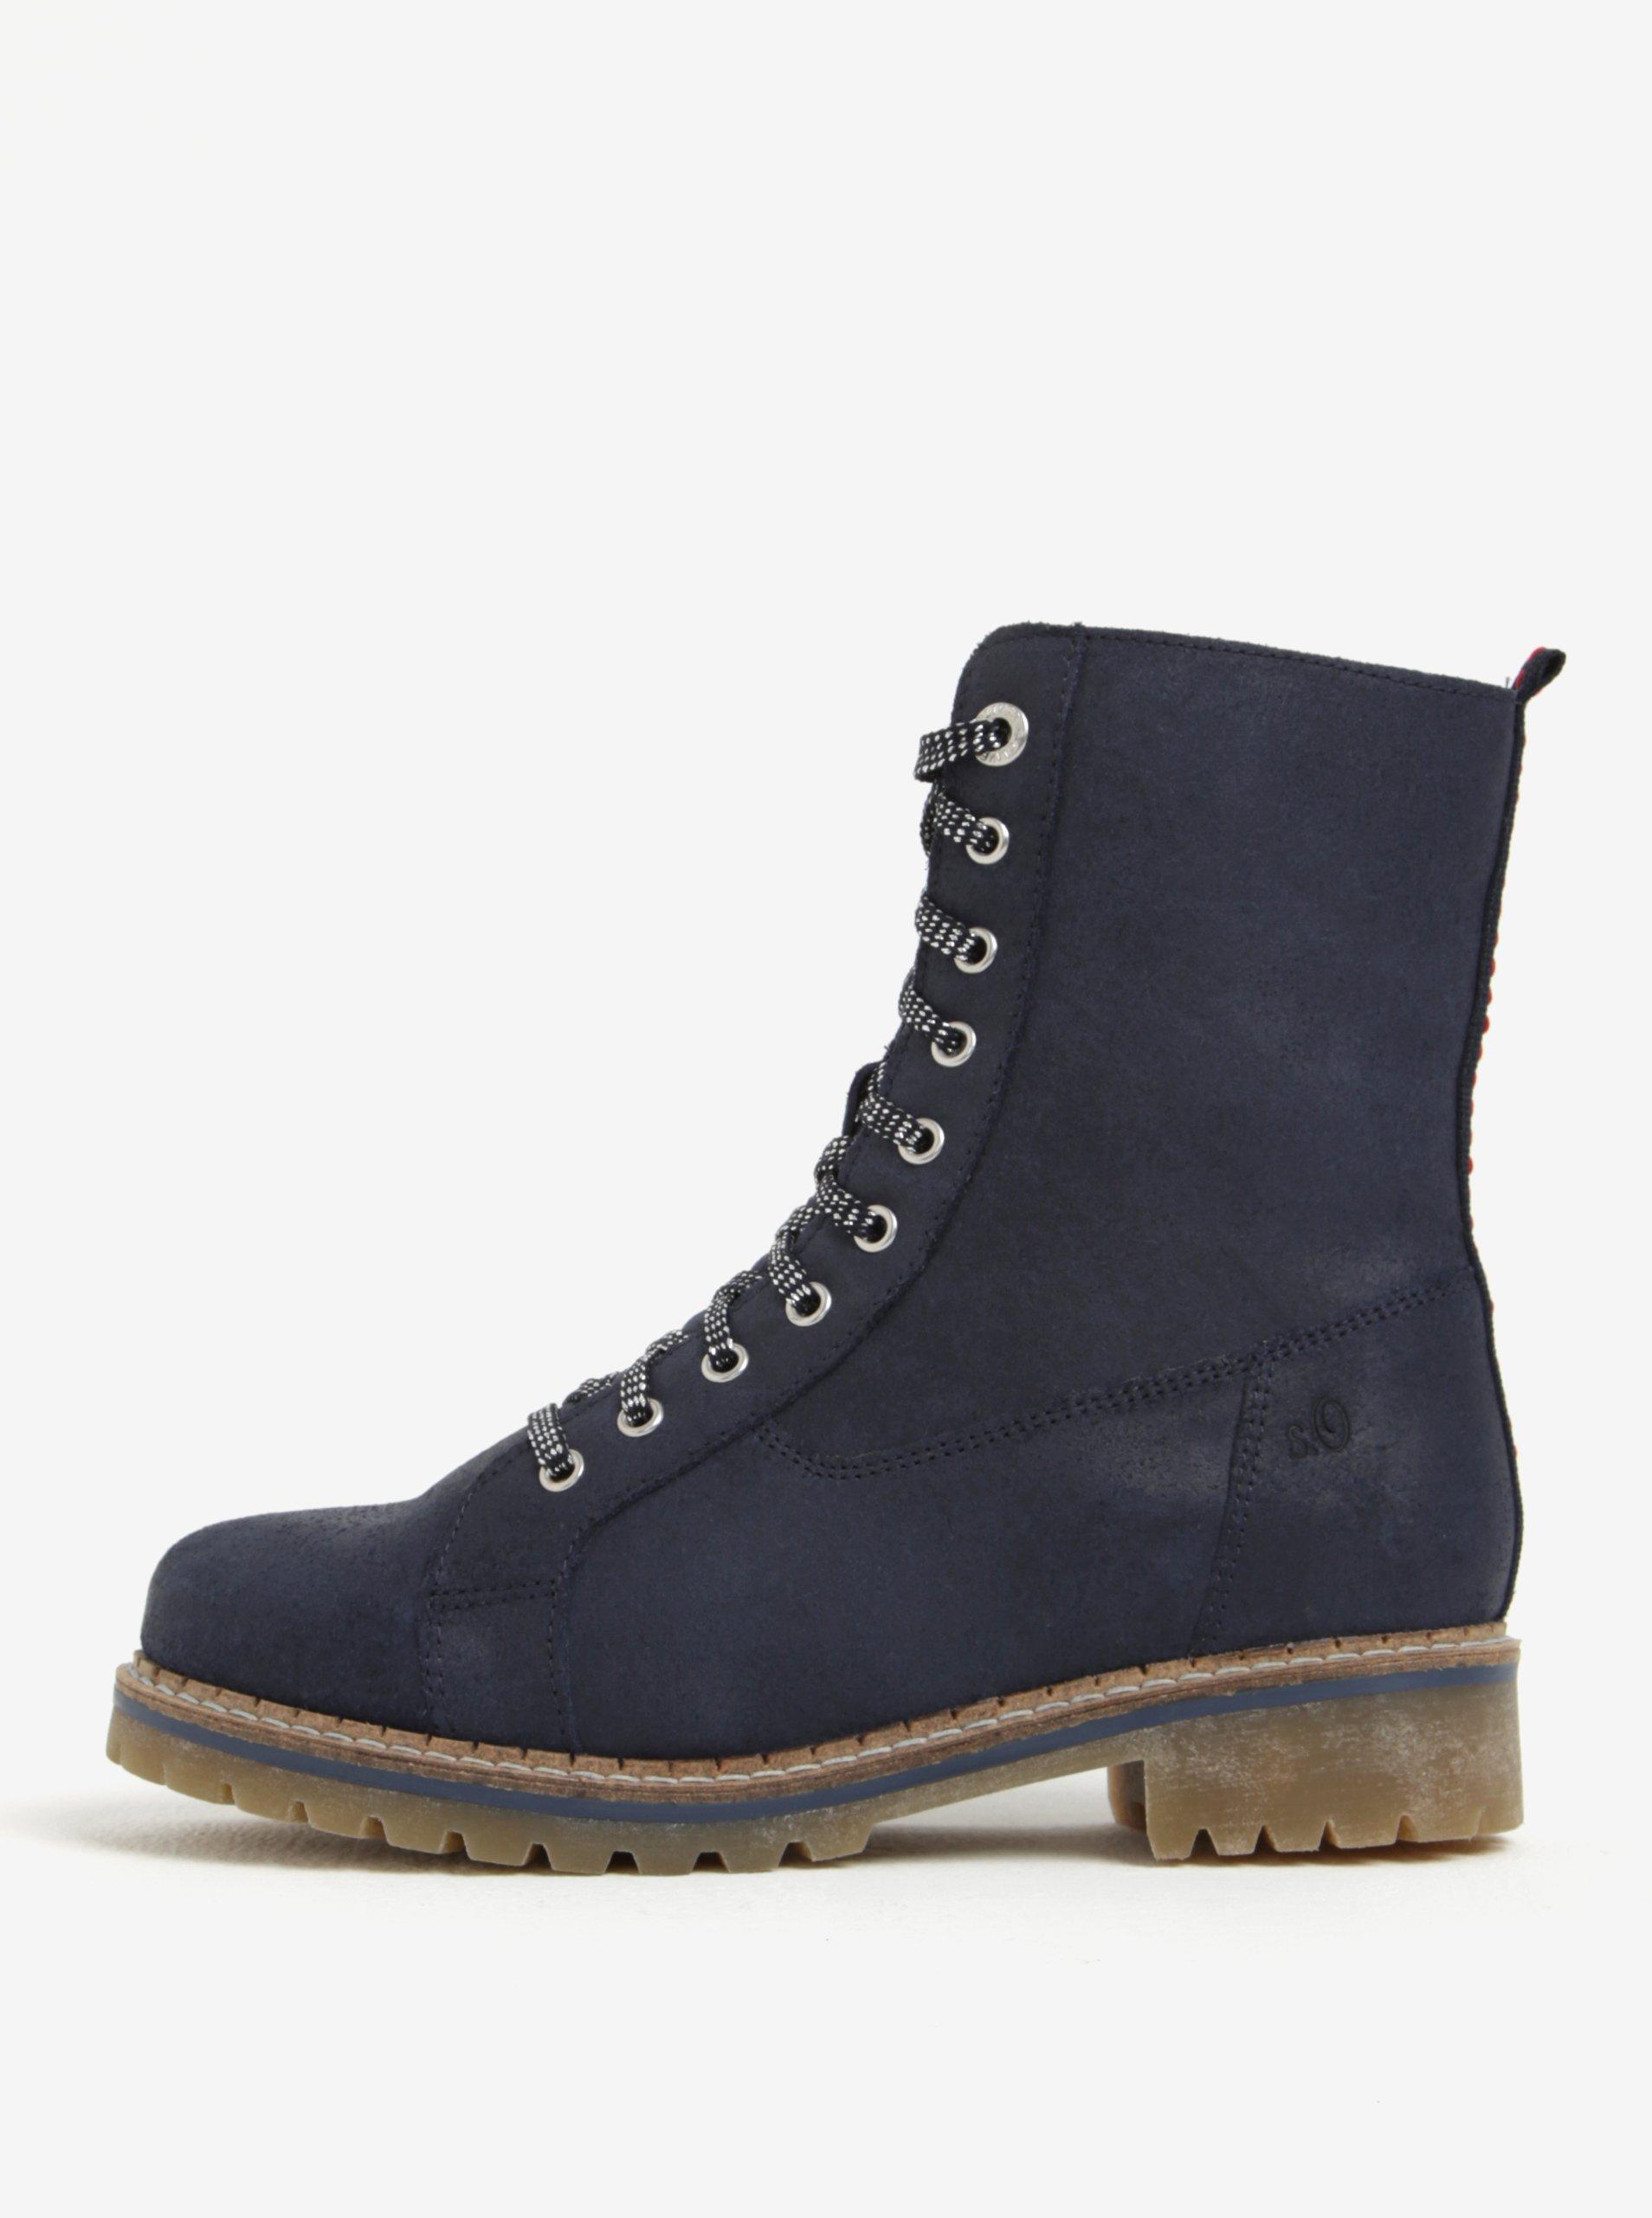 Tmavomodré dámske kožené zimné členkové topánky s.Oliver